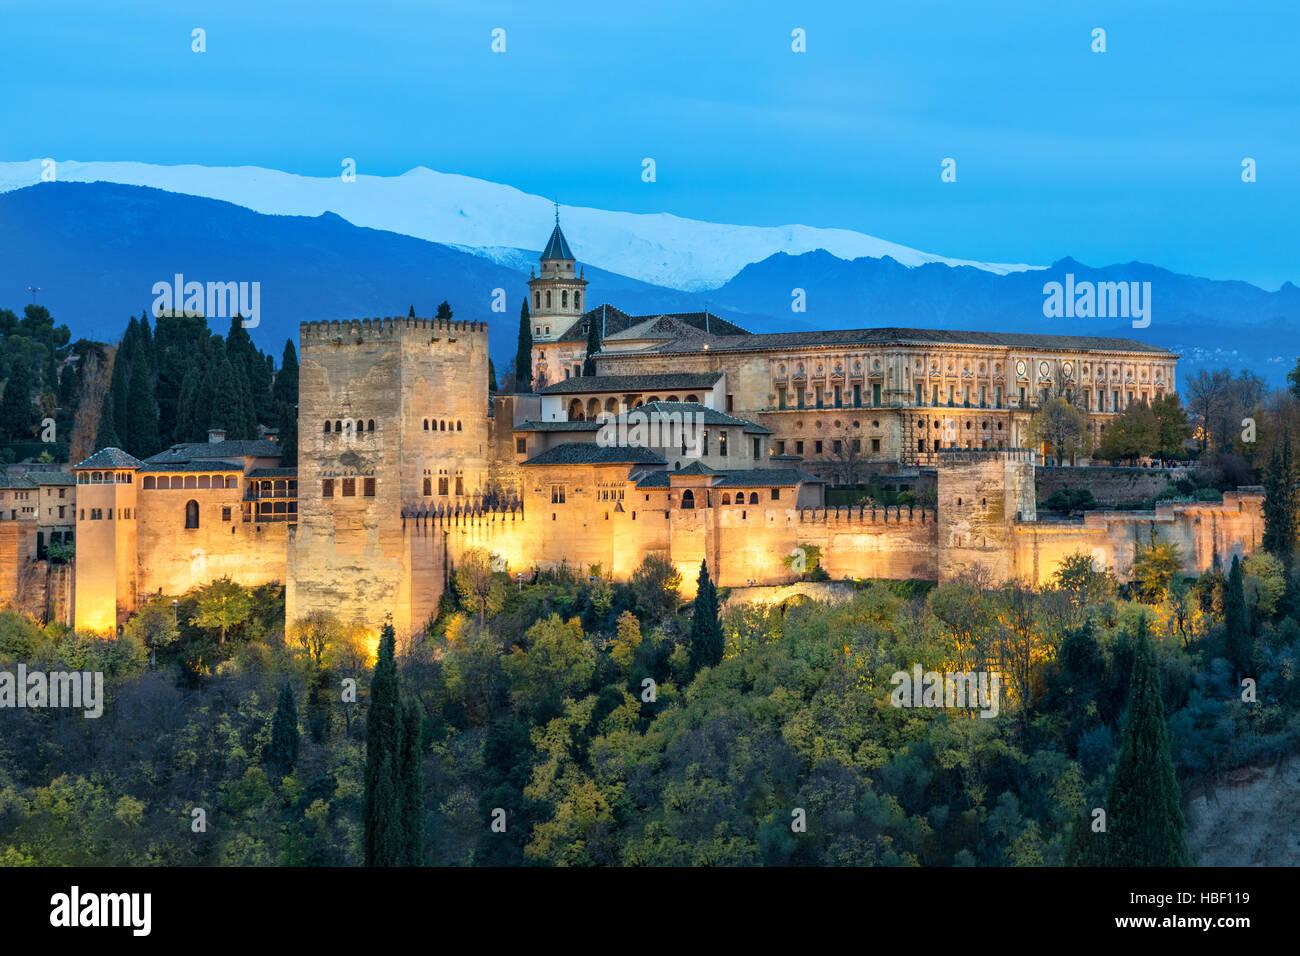 Alhambra - fortaleza medieval morisco rodeado por árboles de otoño amarillo iluminado en la noche, Granada, Imagen De Stock